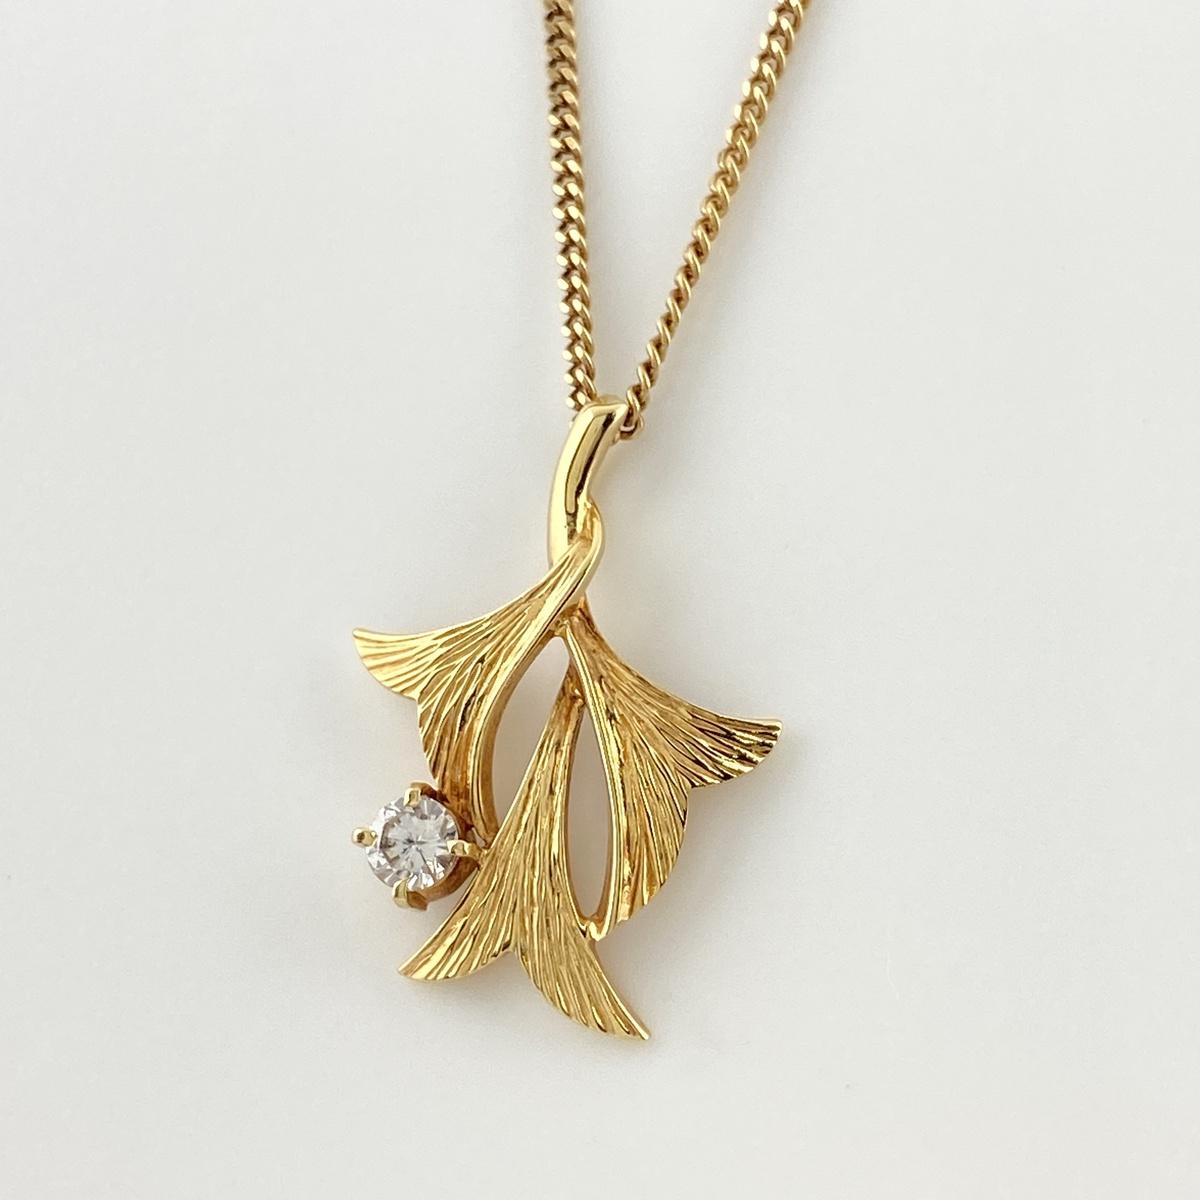 USED 送料無料 メレダイヤ 値引き 有名な デザイン ネックレス K18 YG 中古 イエローゴールド ダイヤモンド レディース ペンダント